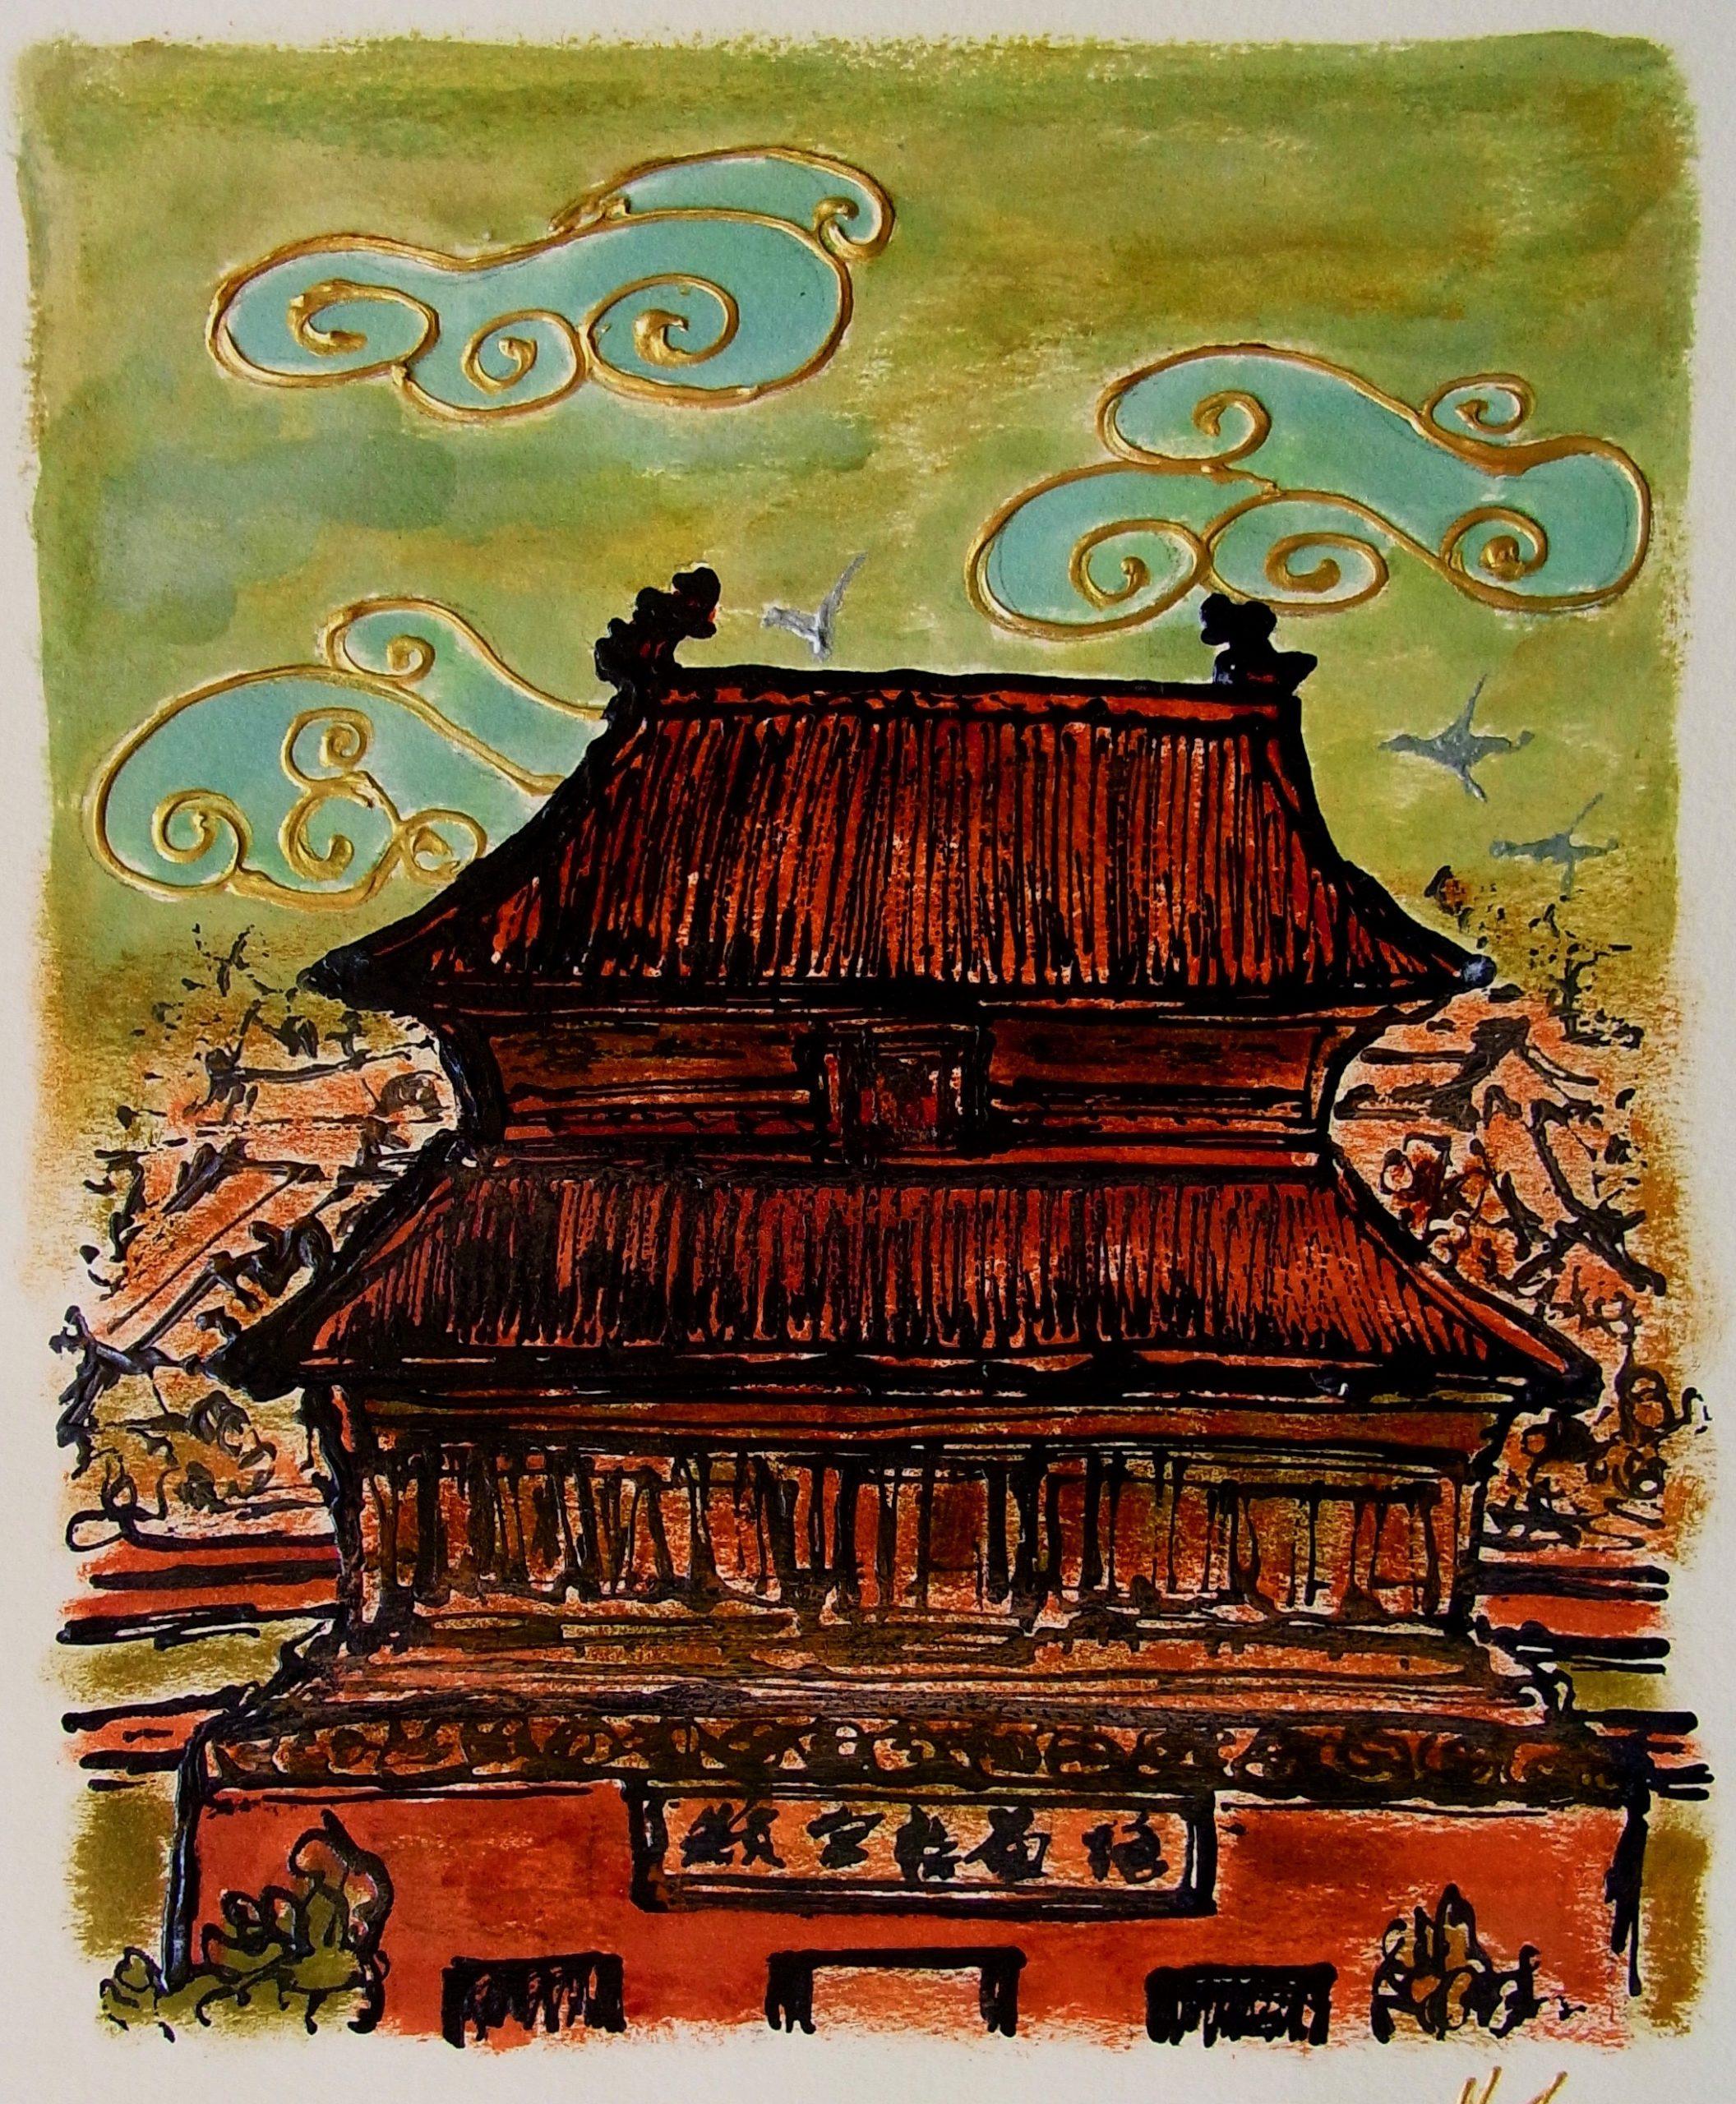 MAMI /  Images et Poésie, Merveilles de Chine